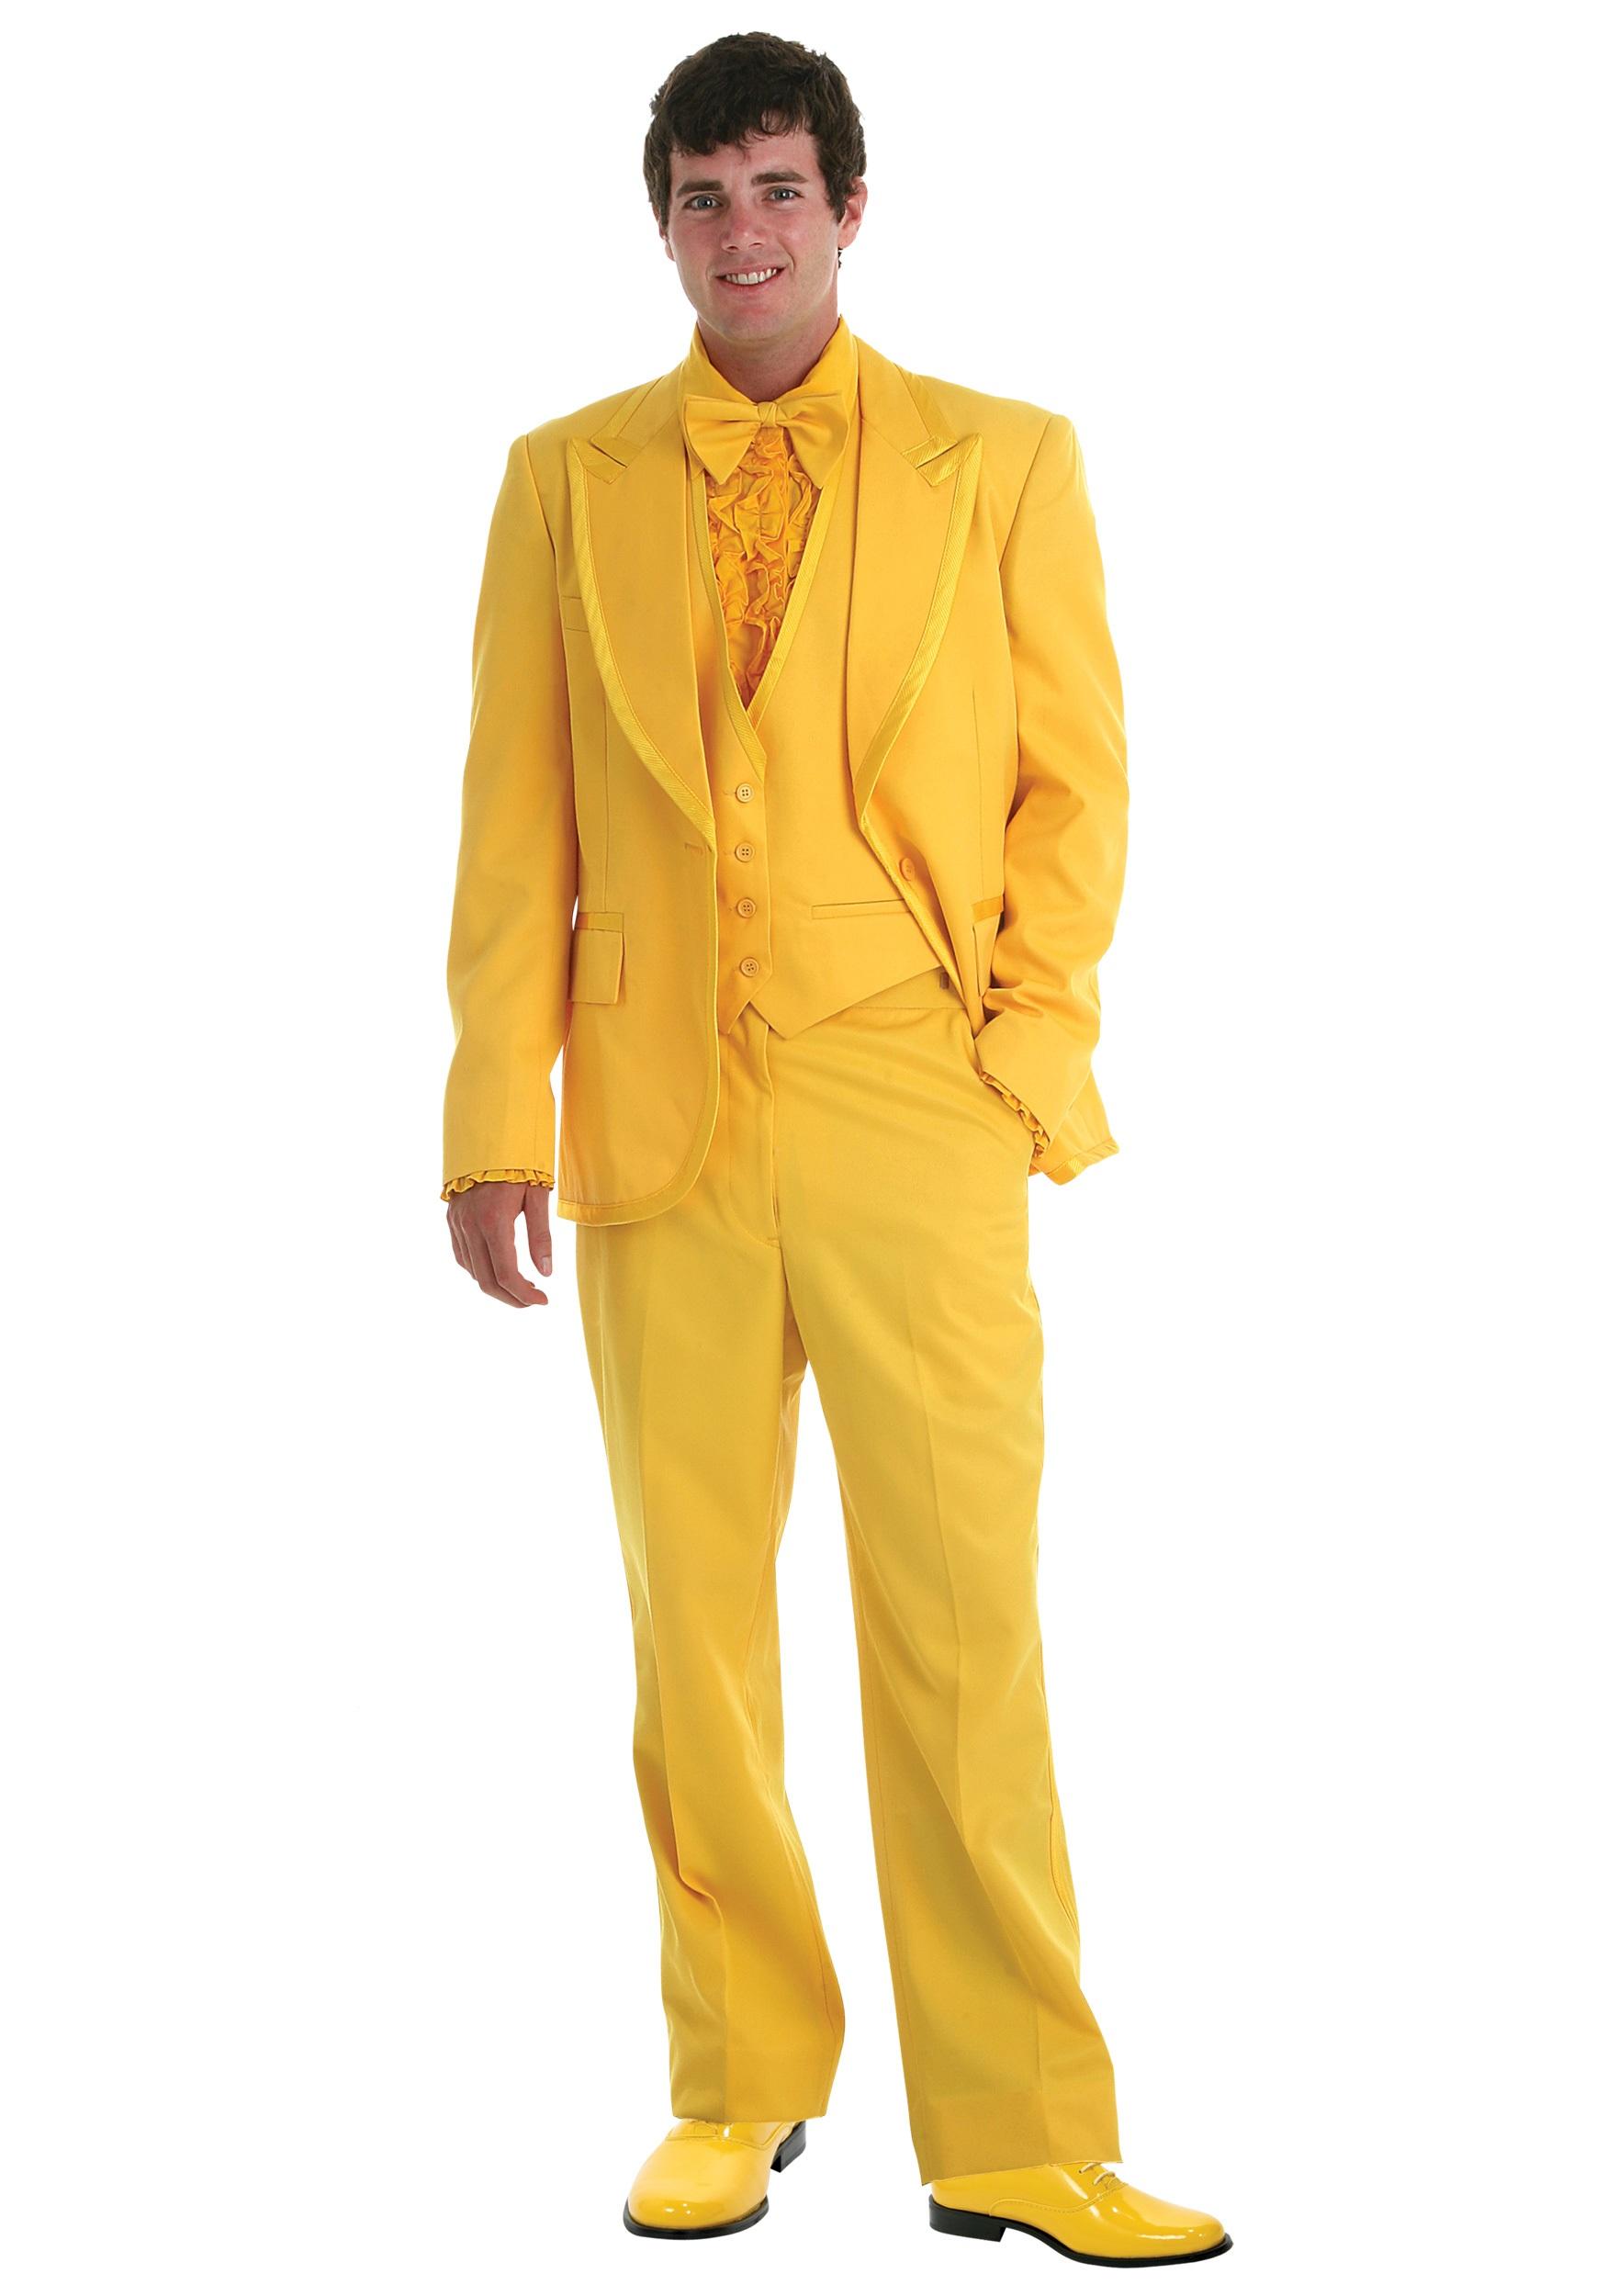 Deluxe Yellow Tuxedo - Men\'s Prom Tuxedos